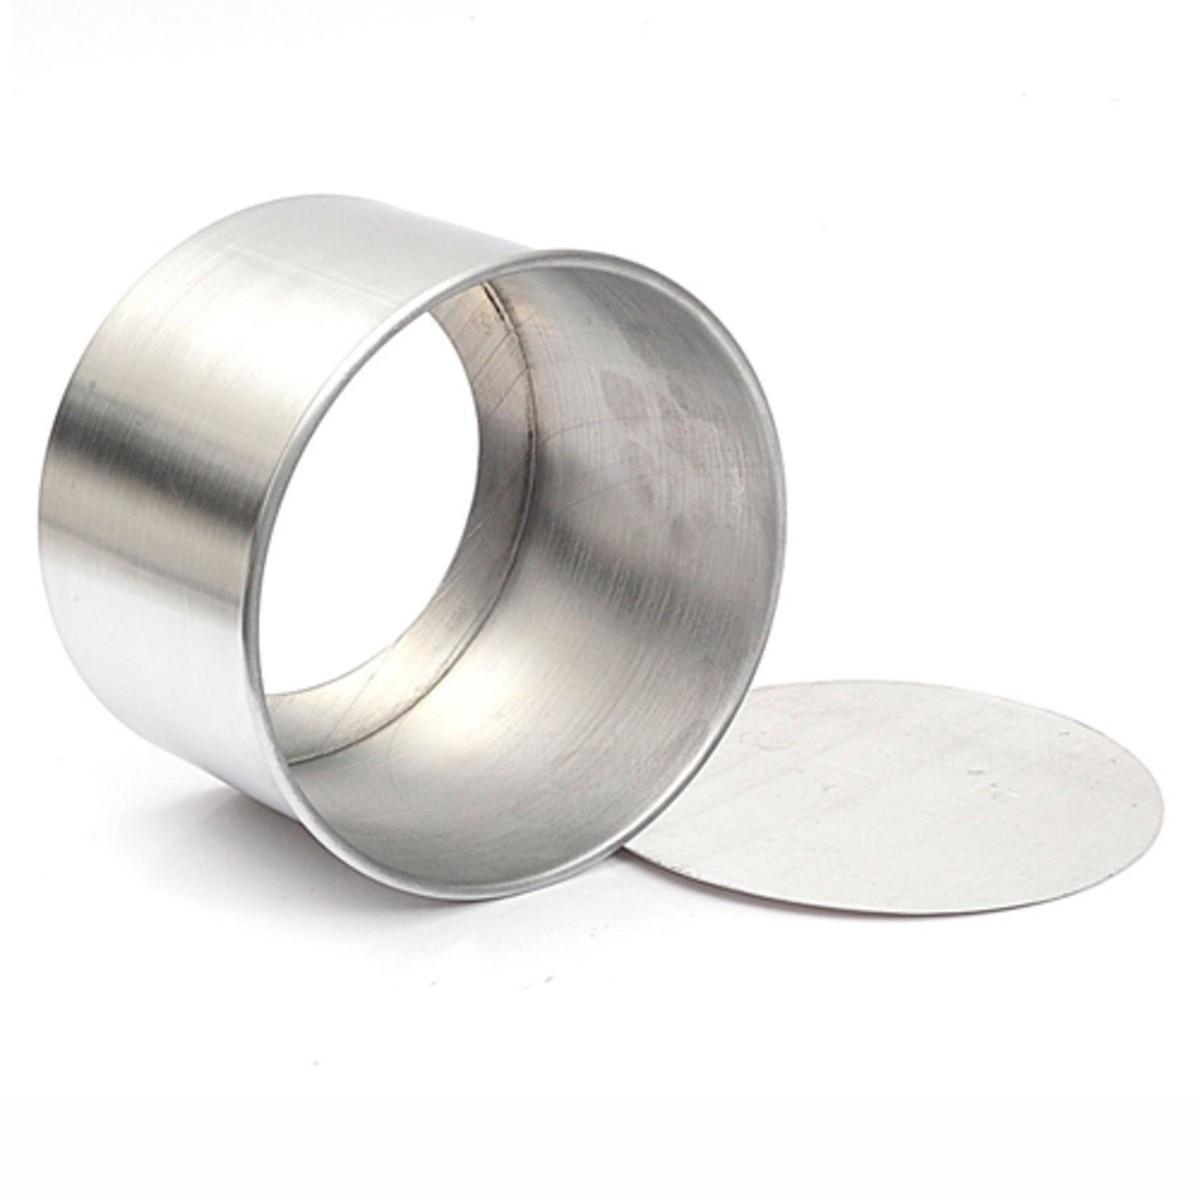 Forma de bolo alumínio com fundo falso 20X10cm (538) CAPARROZ